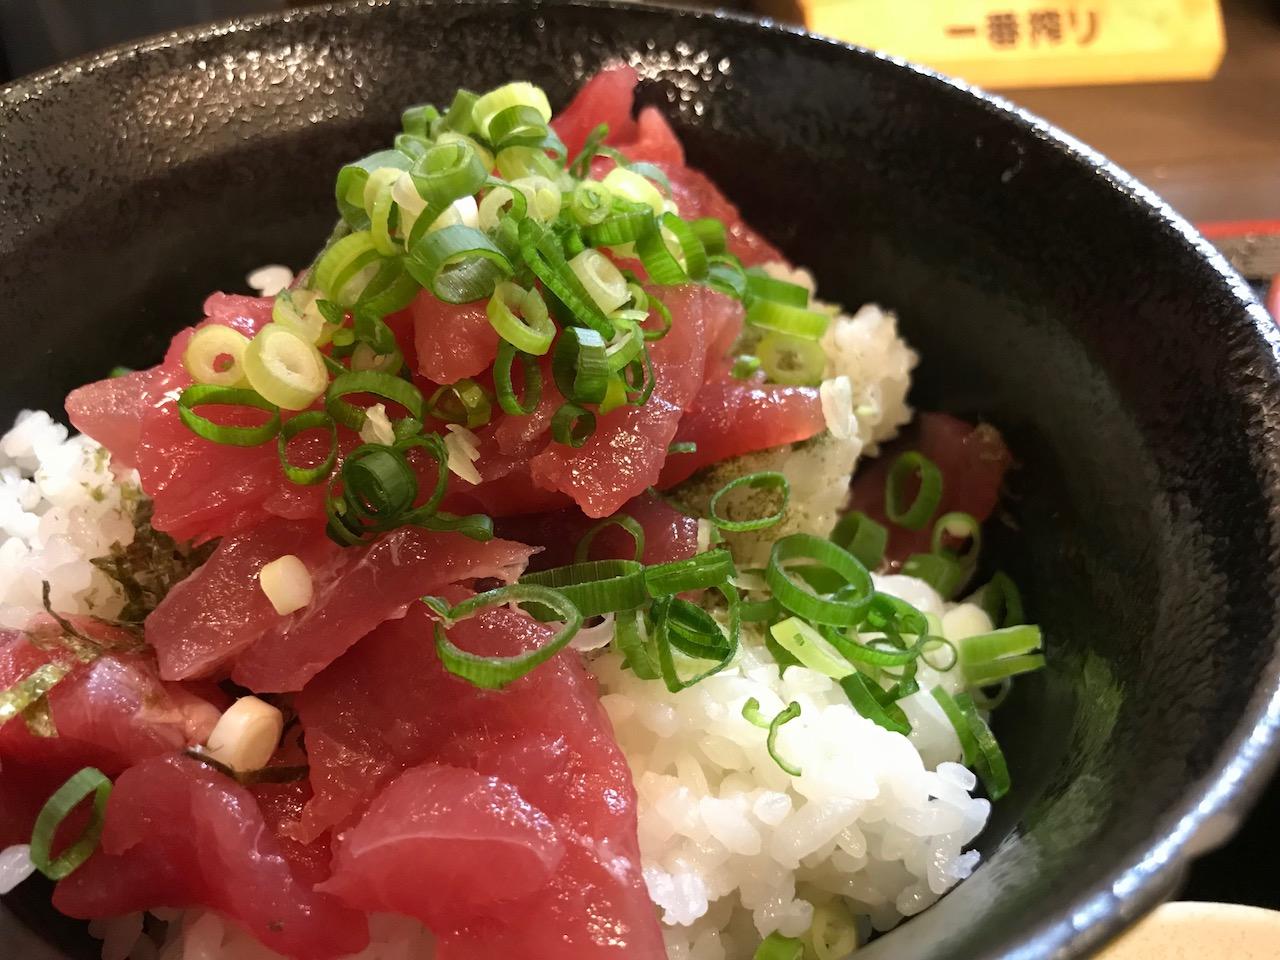 姫路駅前の立ち飲み屋「鶴亀八番」のマグロ丼定食はワンコインランチなのか!?